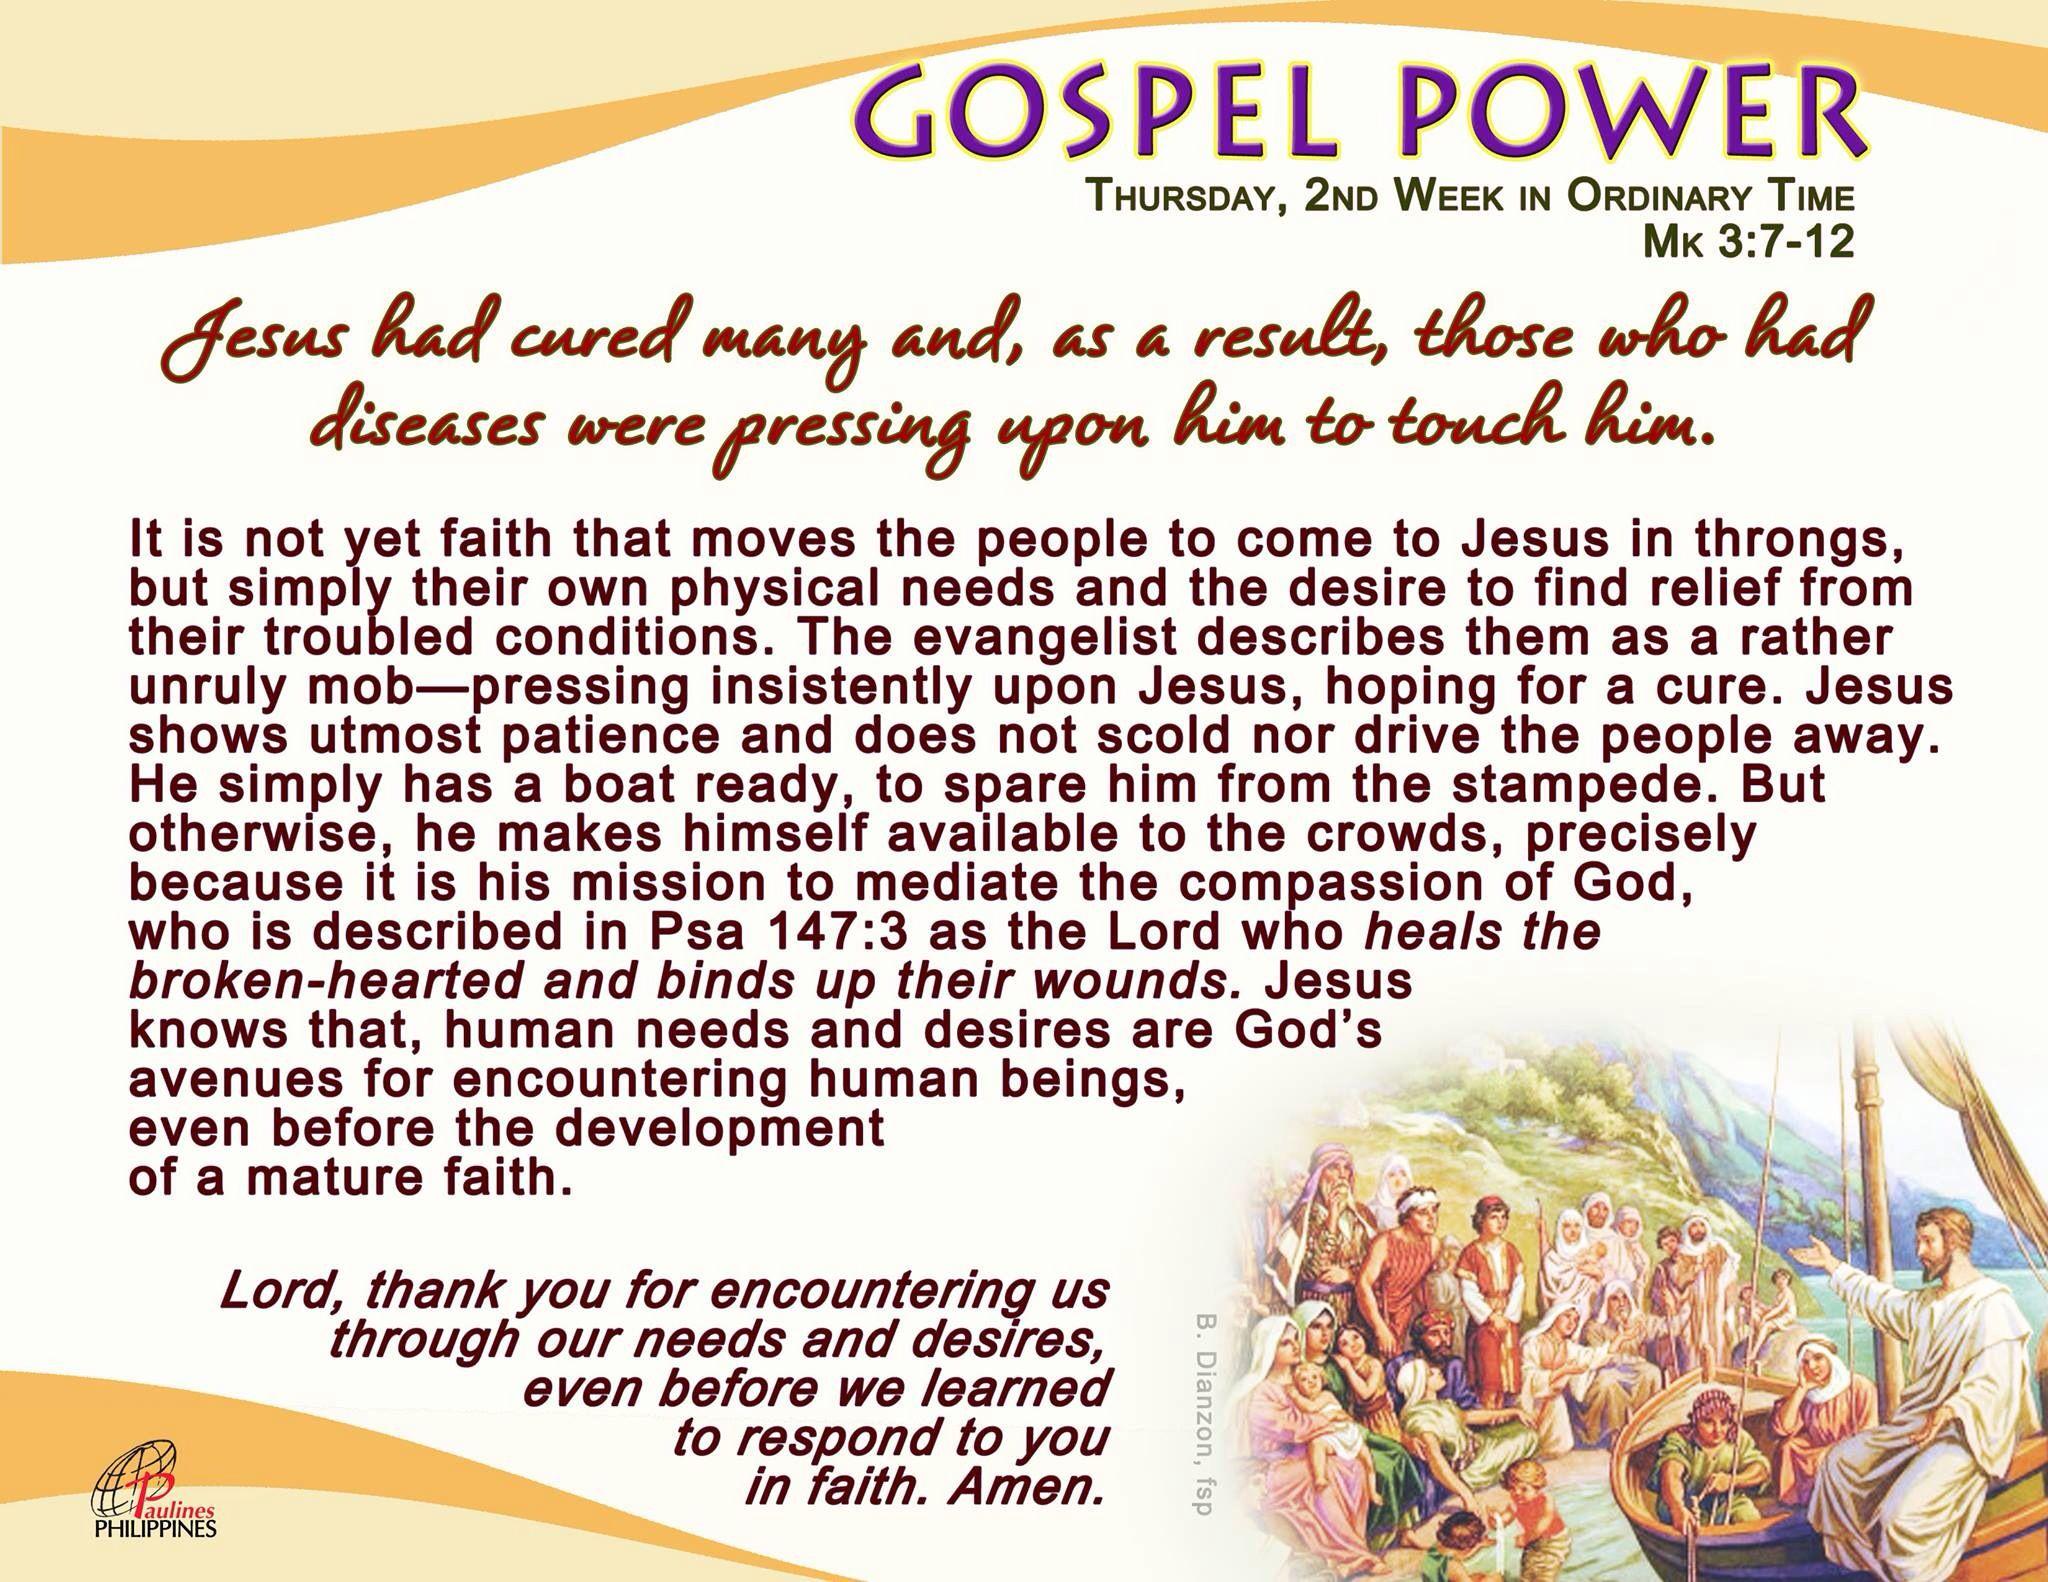 Gospel Power Jan. 21, 2016